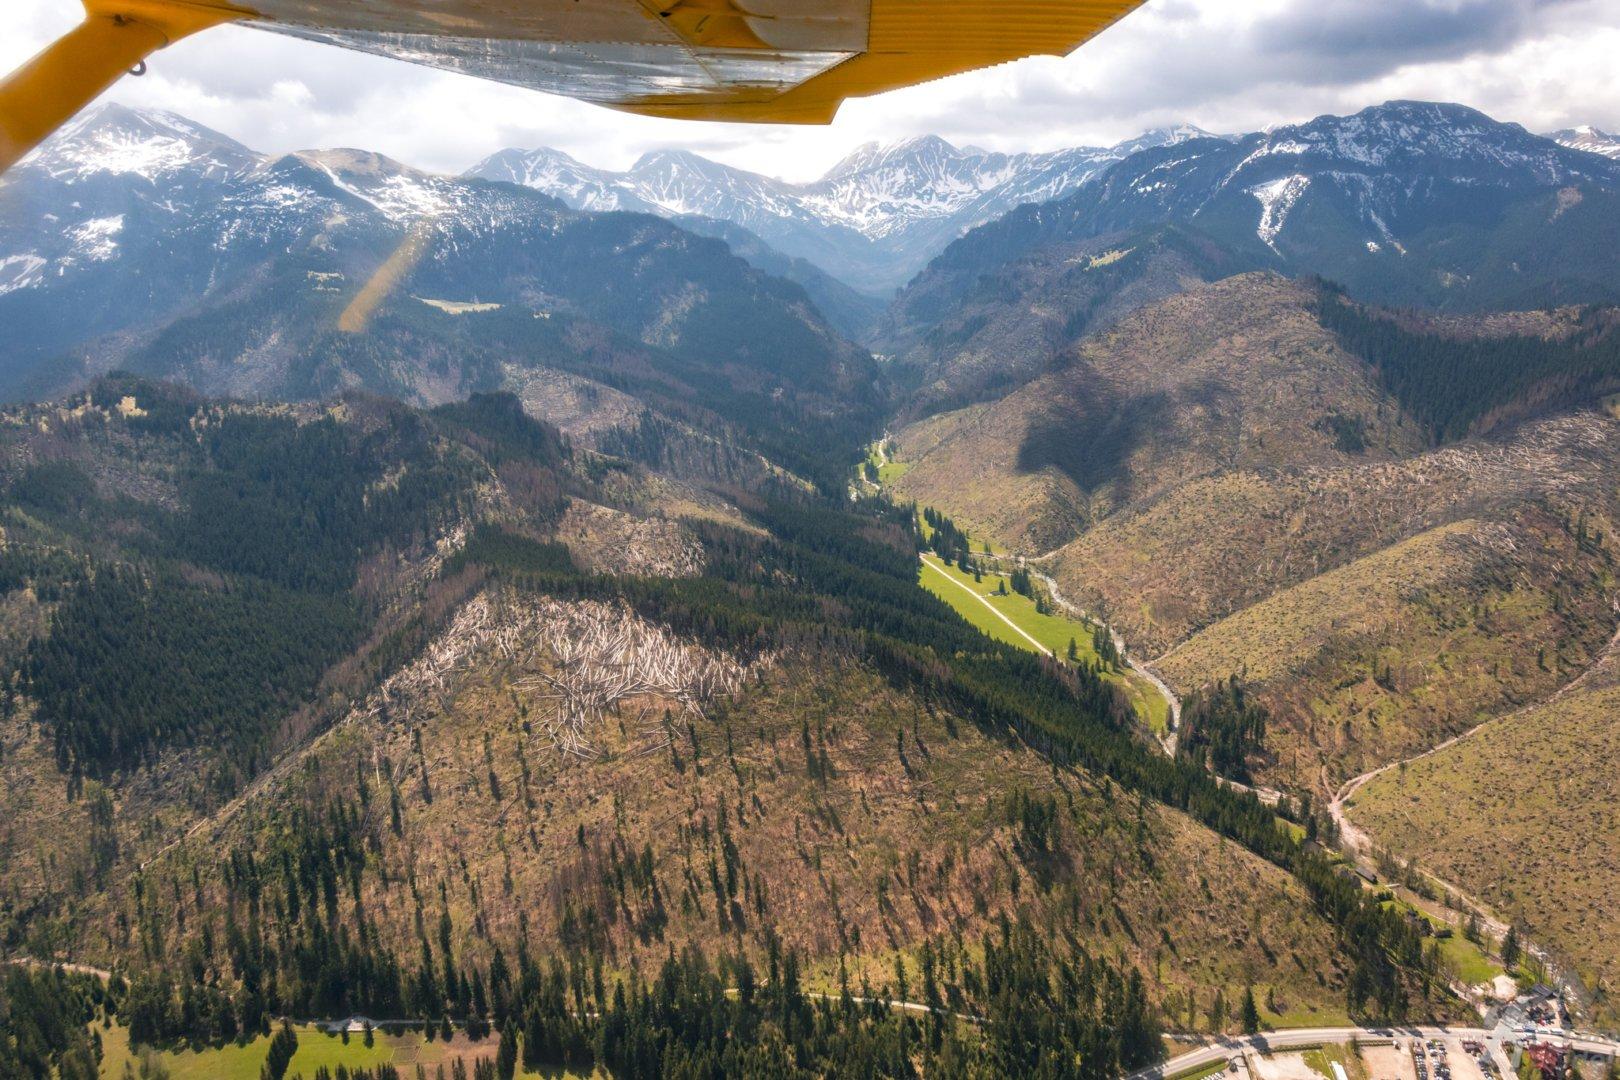 Dolina Kościeliska panorama z góry loty widokowe